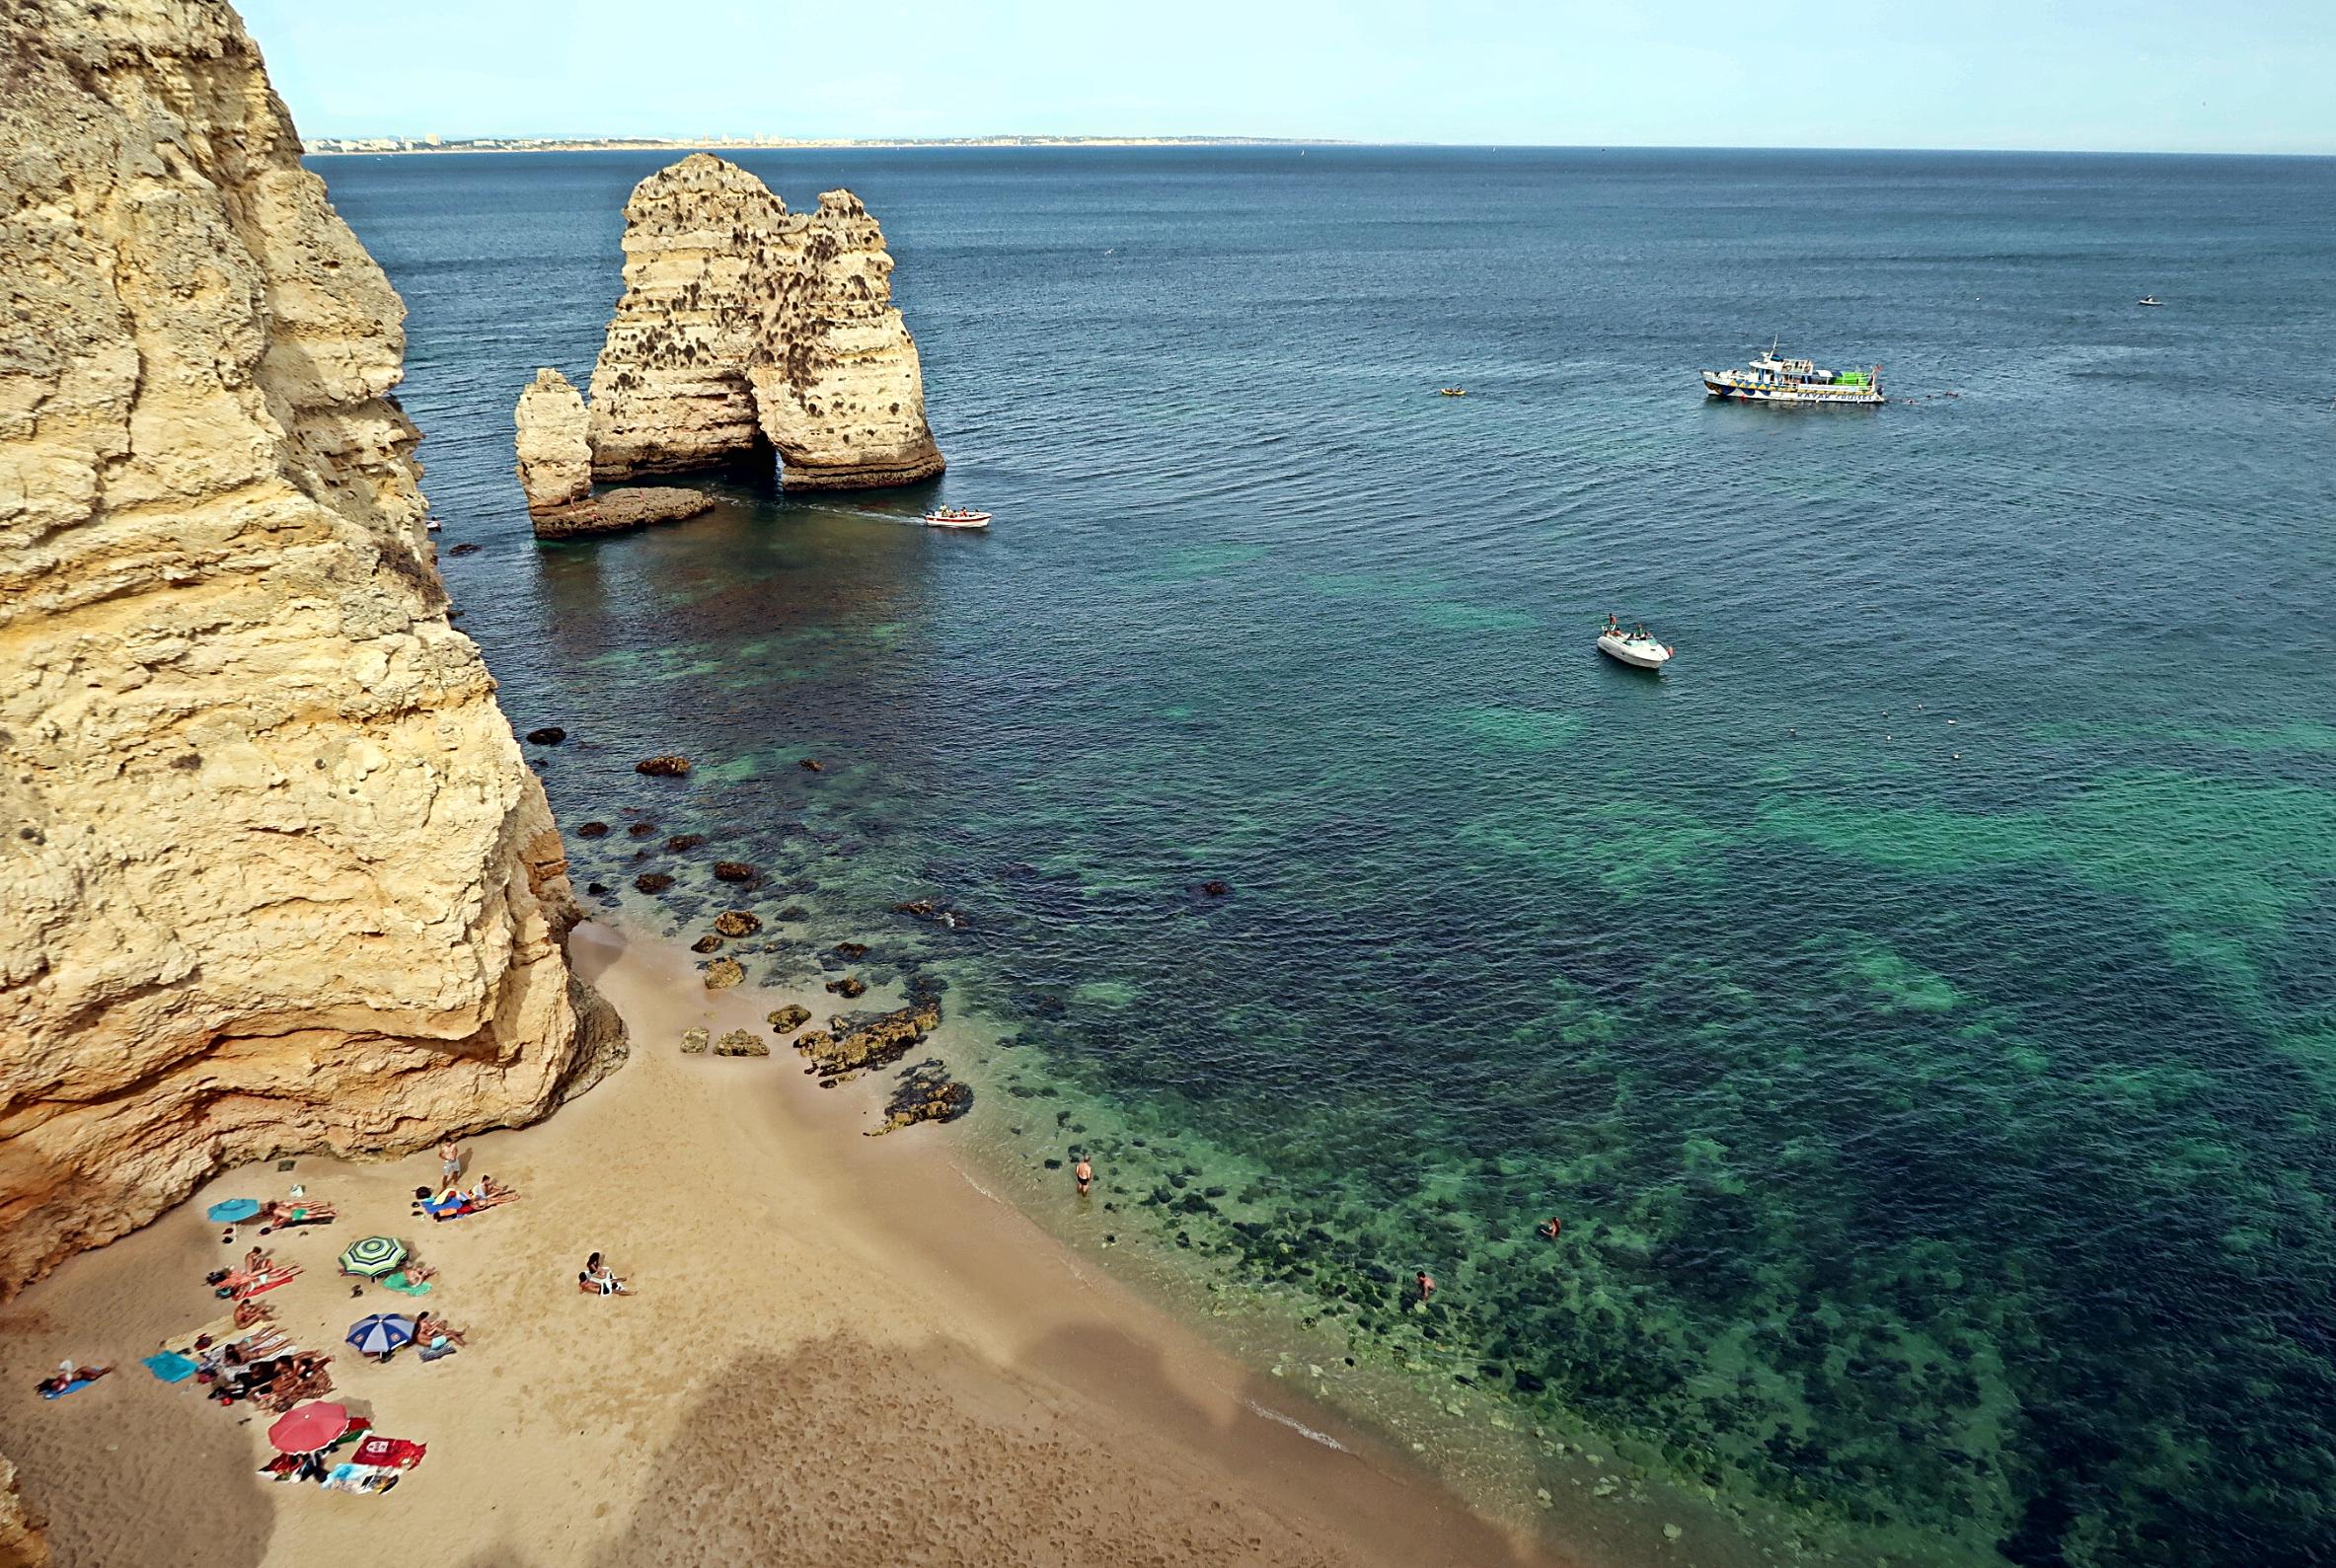 lagos-beach-praia-da-balanca-portugal